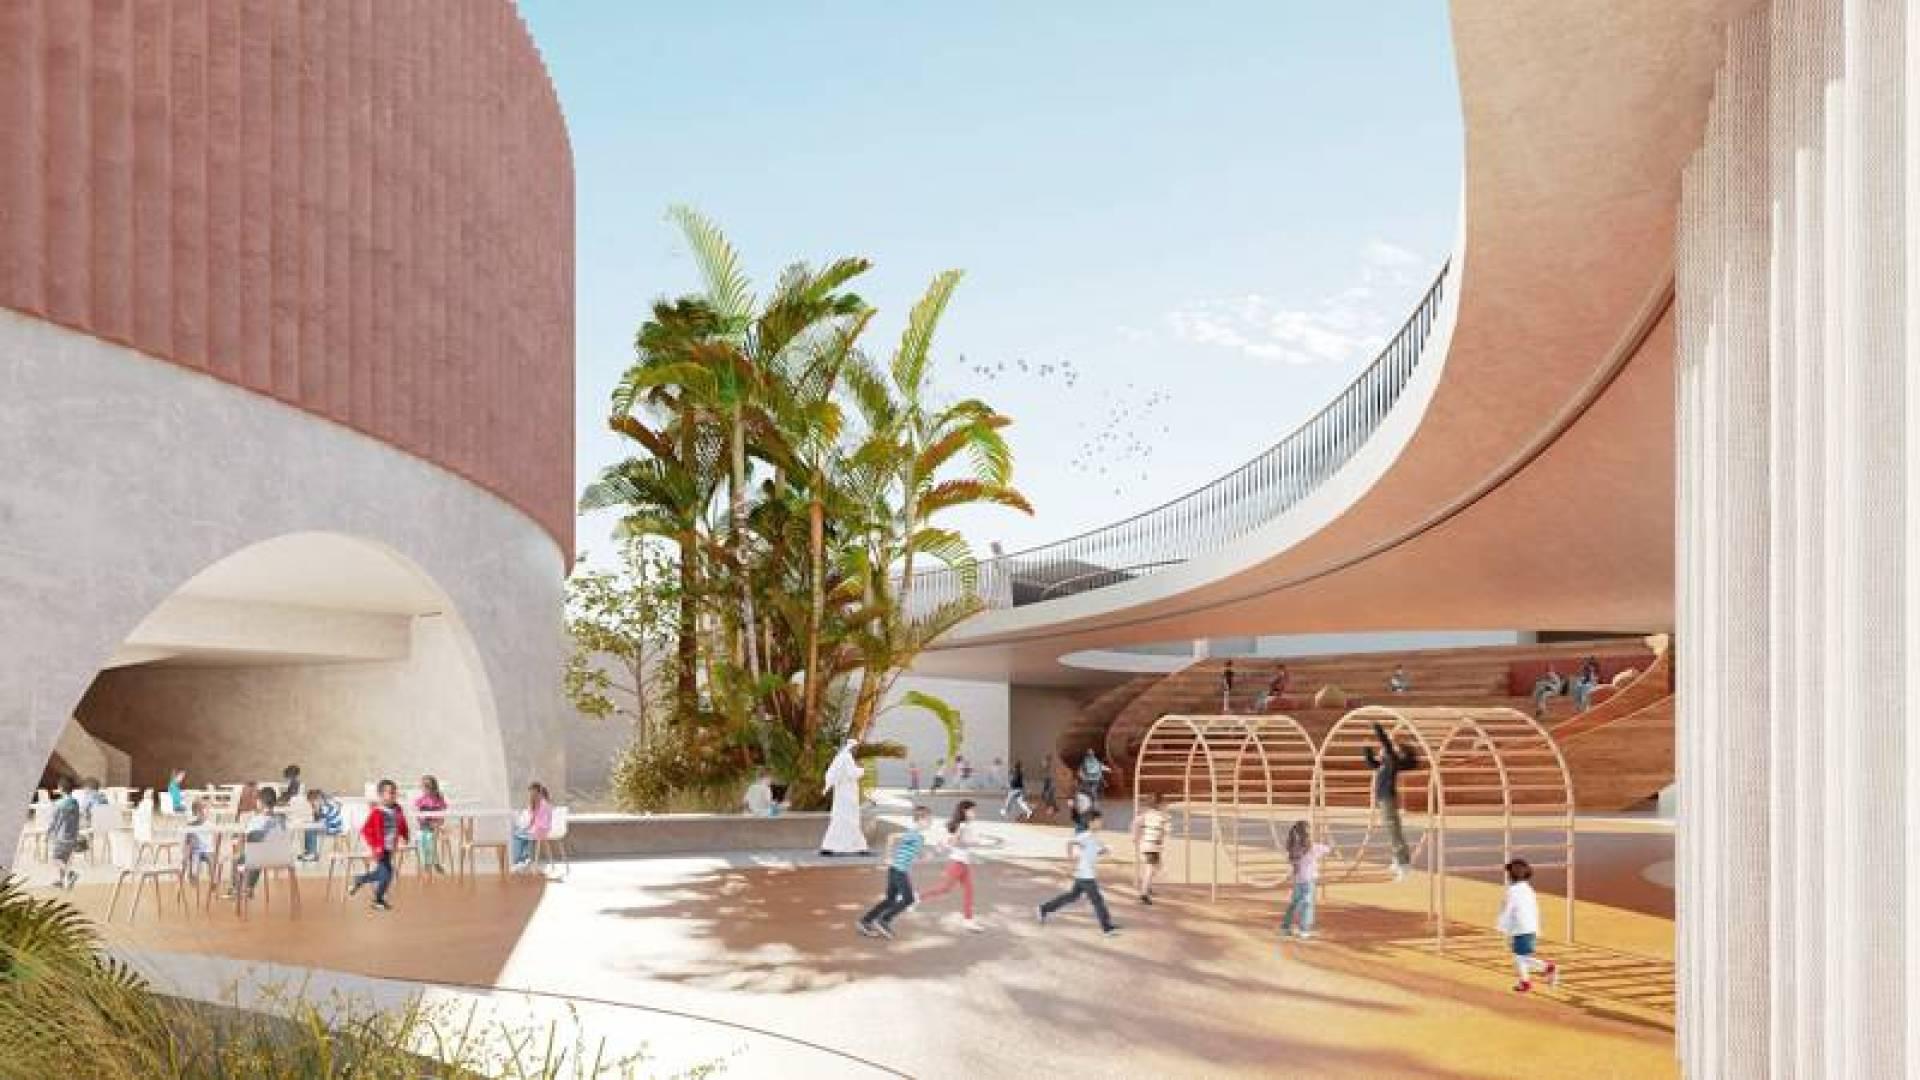 تصميم لمدارس المستقبل